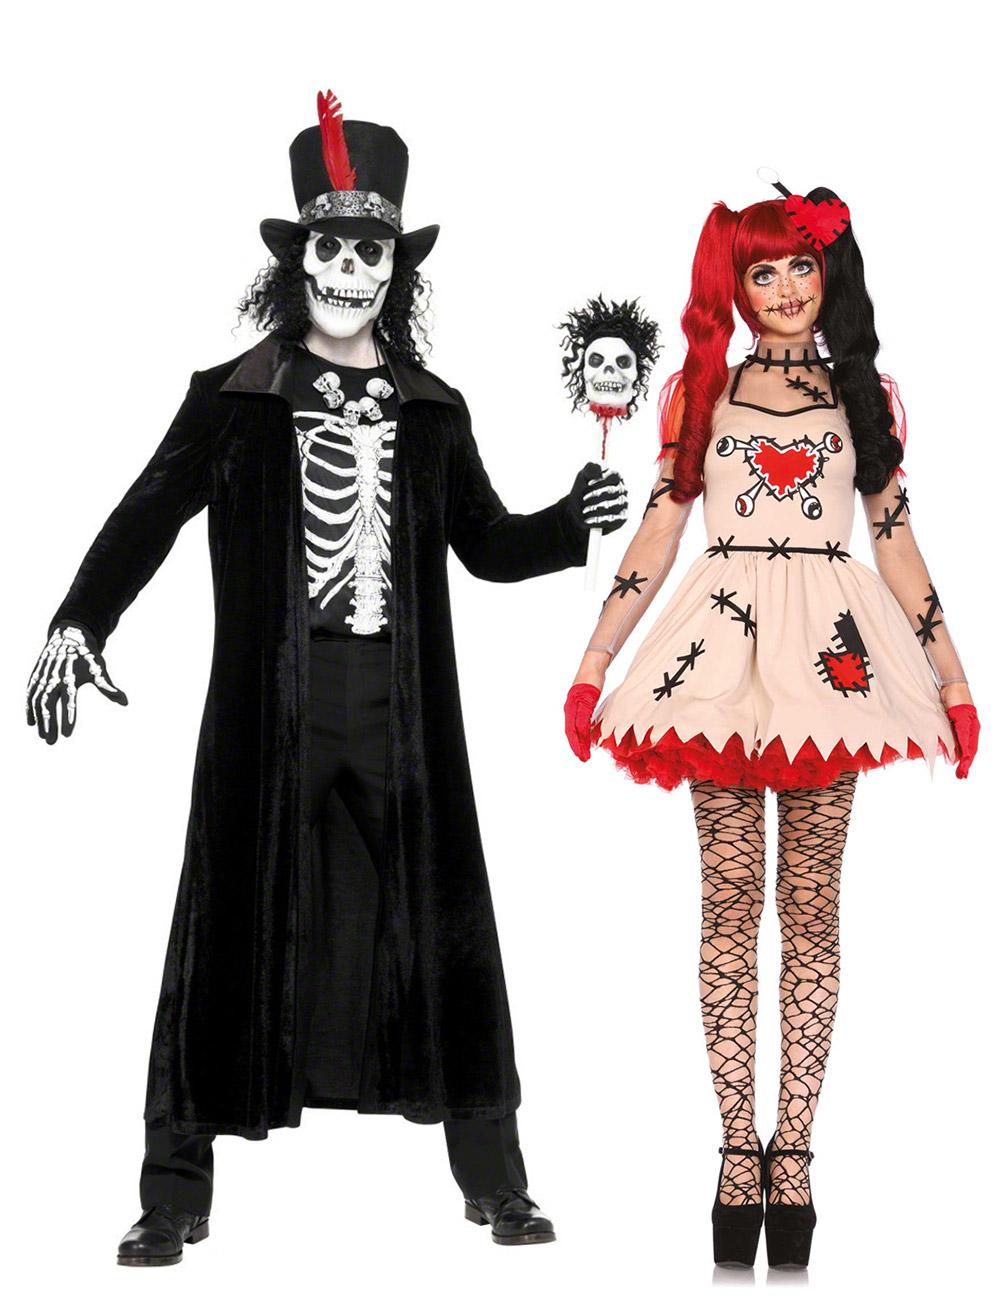 Costumi halloween coppia  travestimenti di coppia per un Halloween ... eeb4d145933c